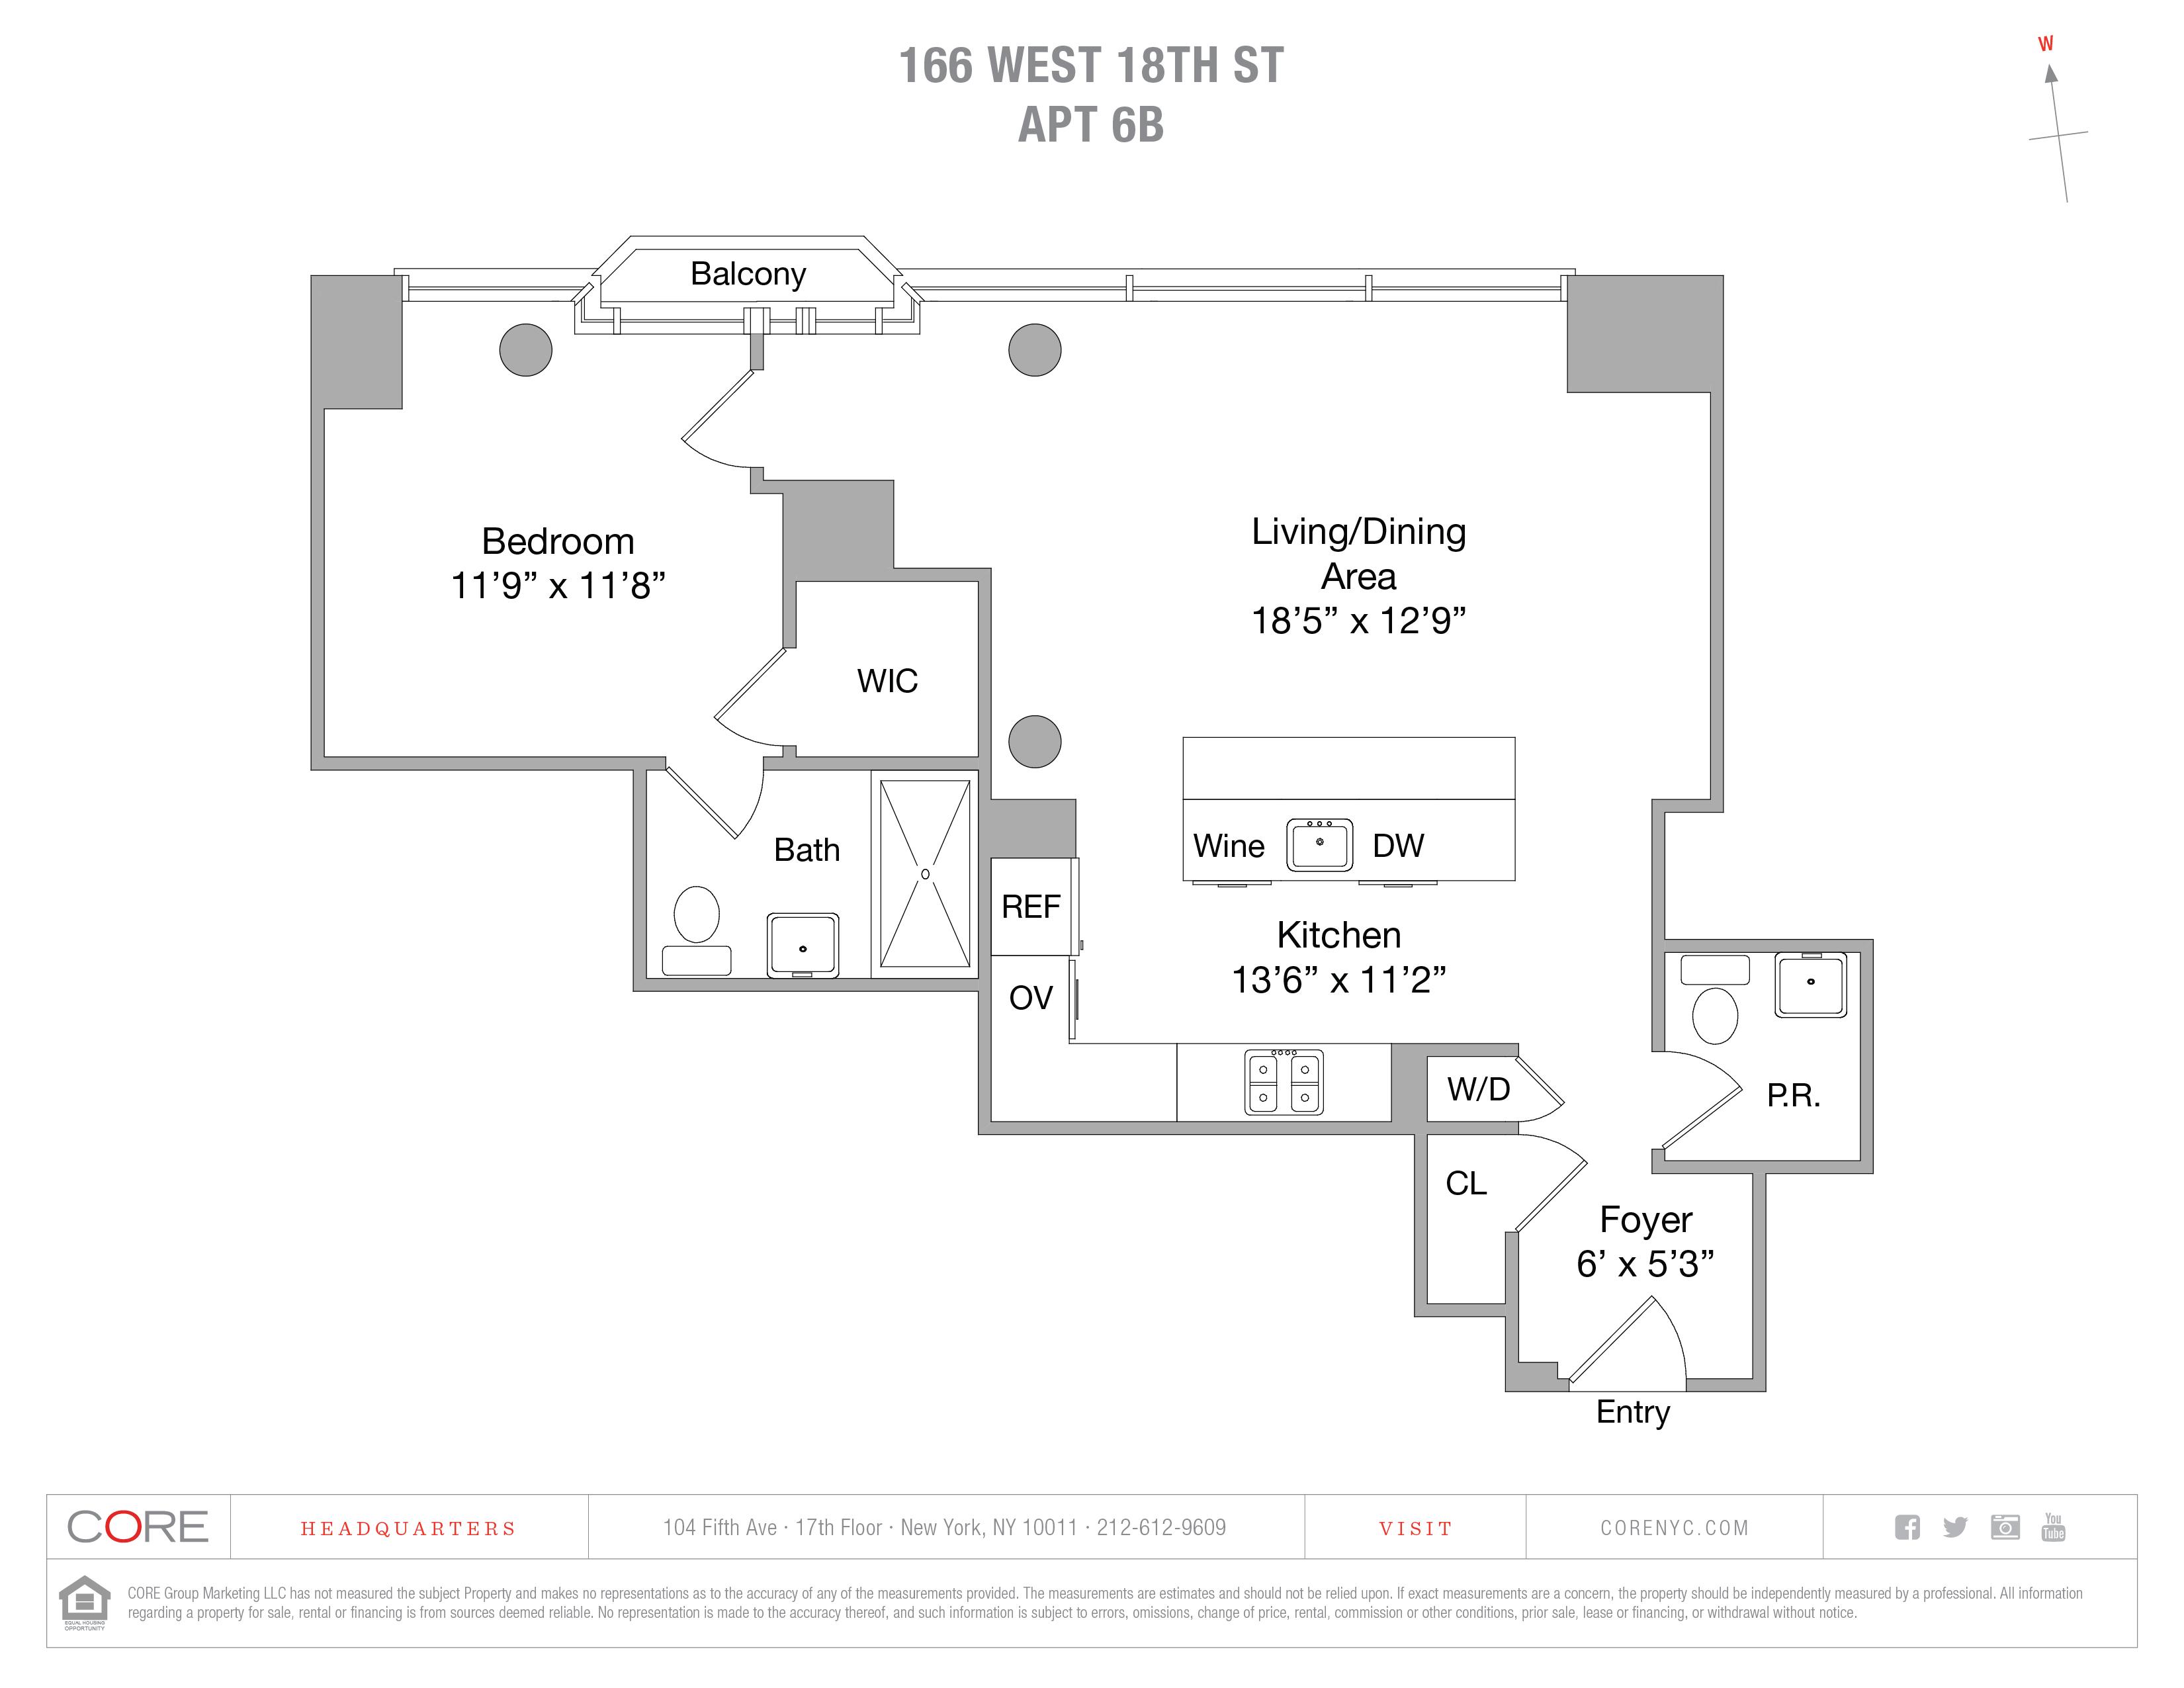 166 West 18th St. 6B, New York, NY 10011